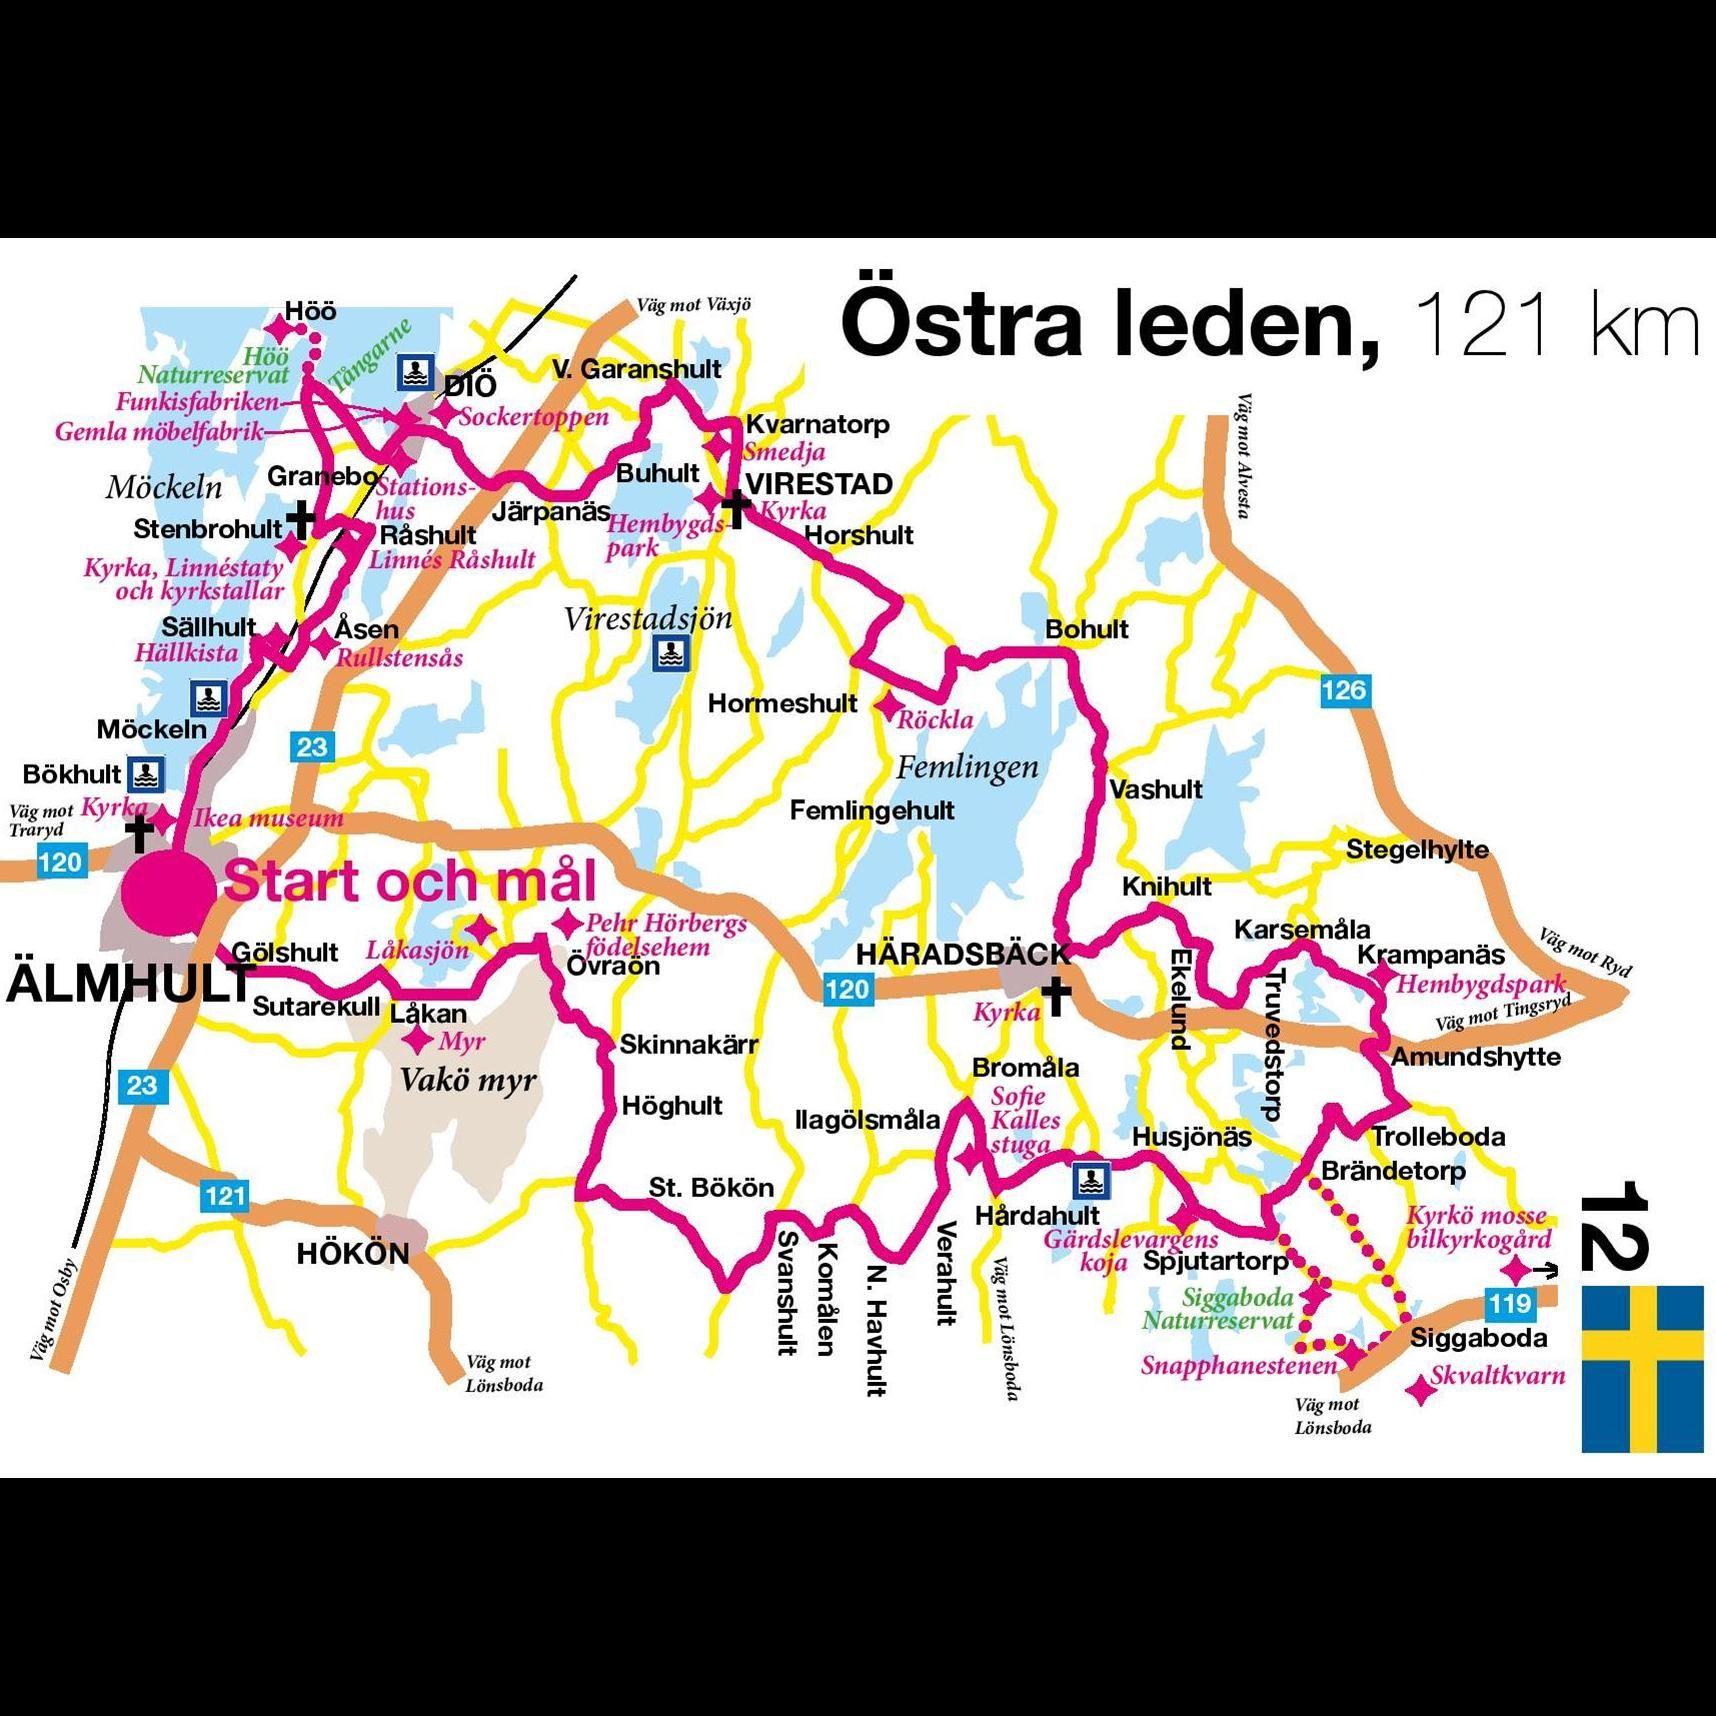 Cykeltur - Östra leden - 121 km